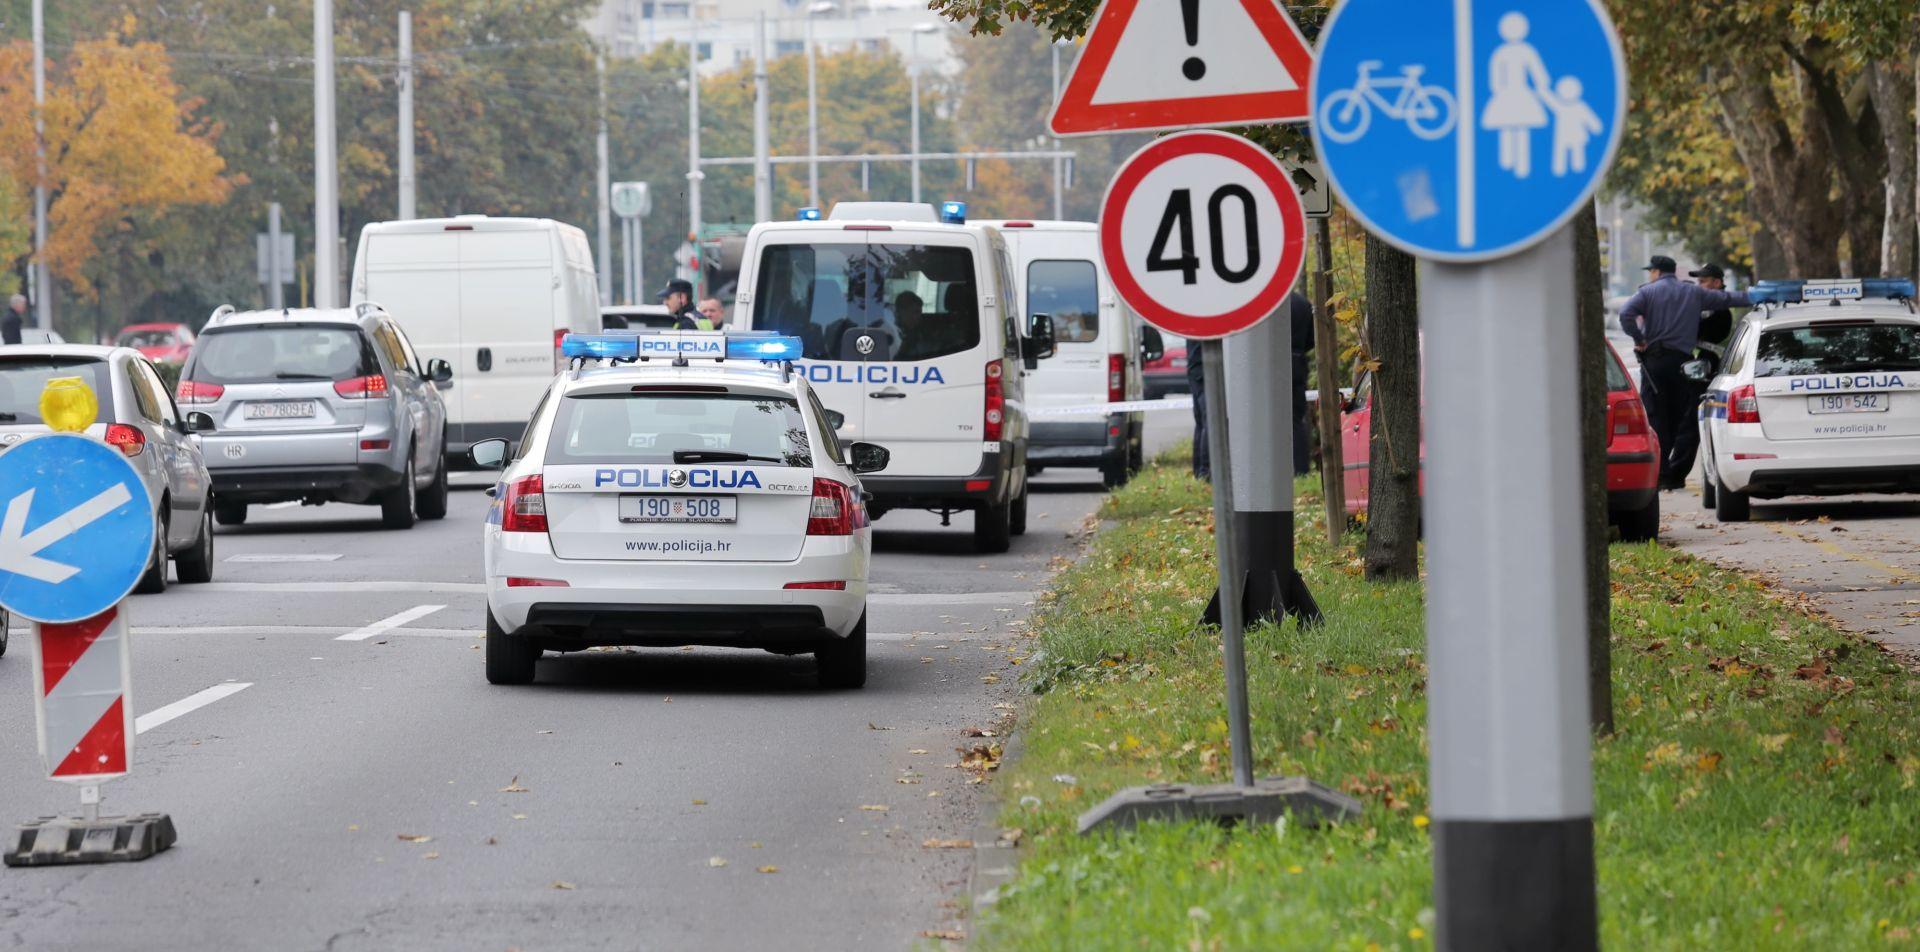 ISTRAGA U TIJEKU: Nakon potjere zaustavljen bijeli kombi na Vukovarskoj, jedna osoba privedena